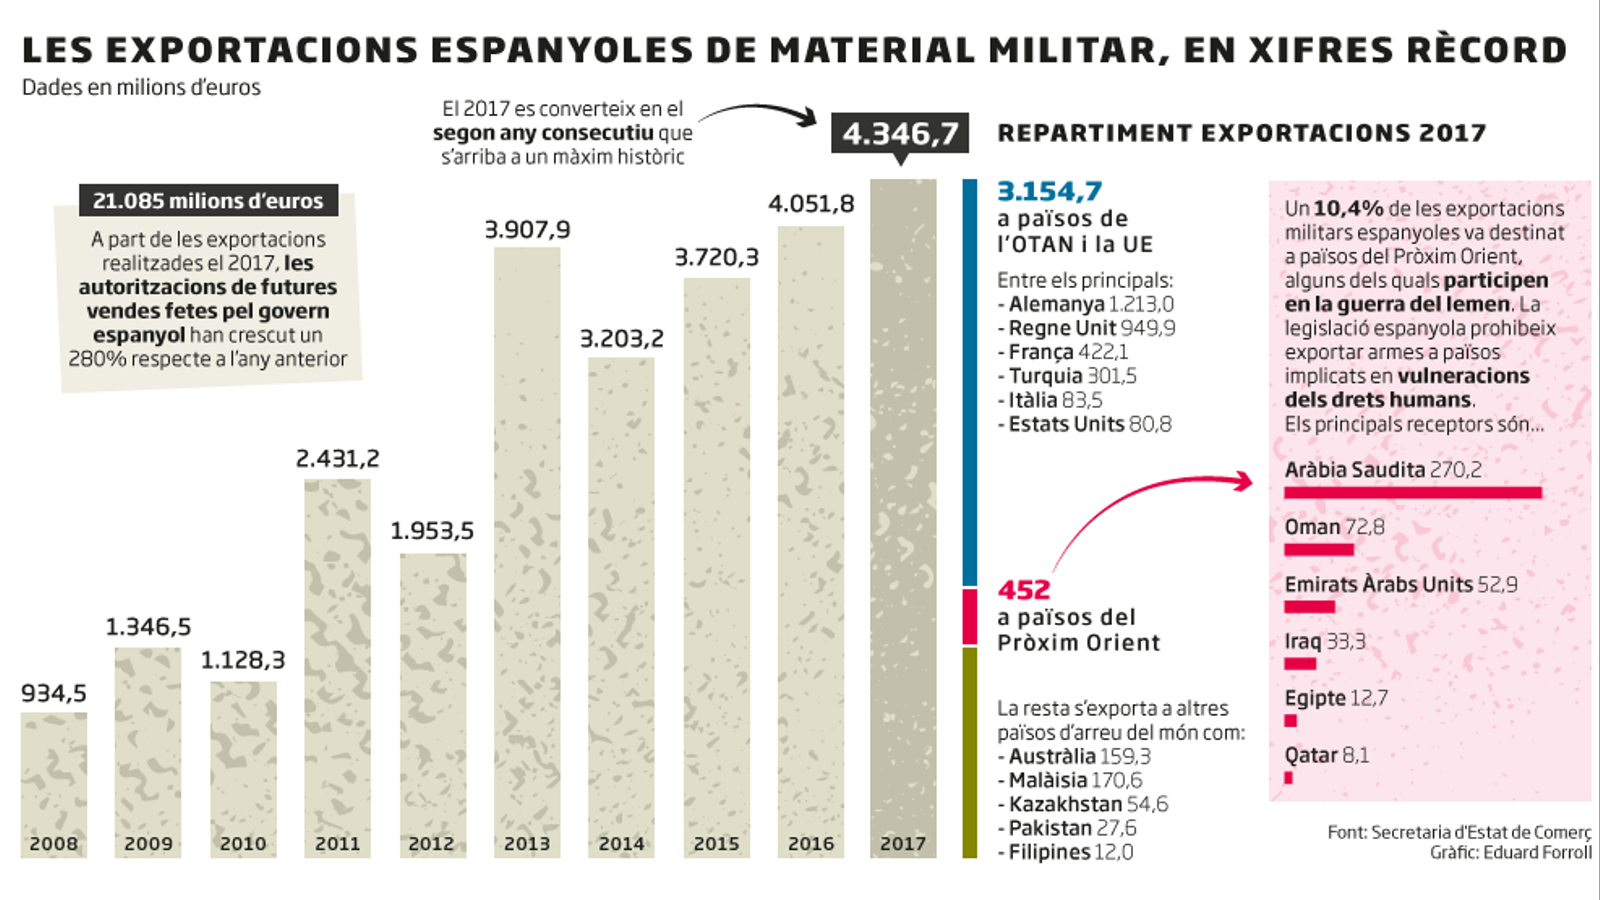 L'evolució de la venda d'armes a Espanya des de 2008. EDUARD FORROLL